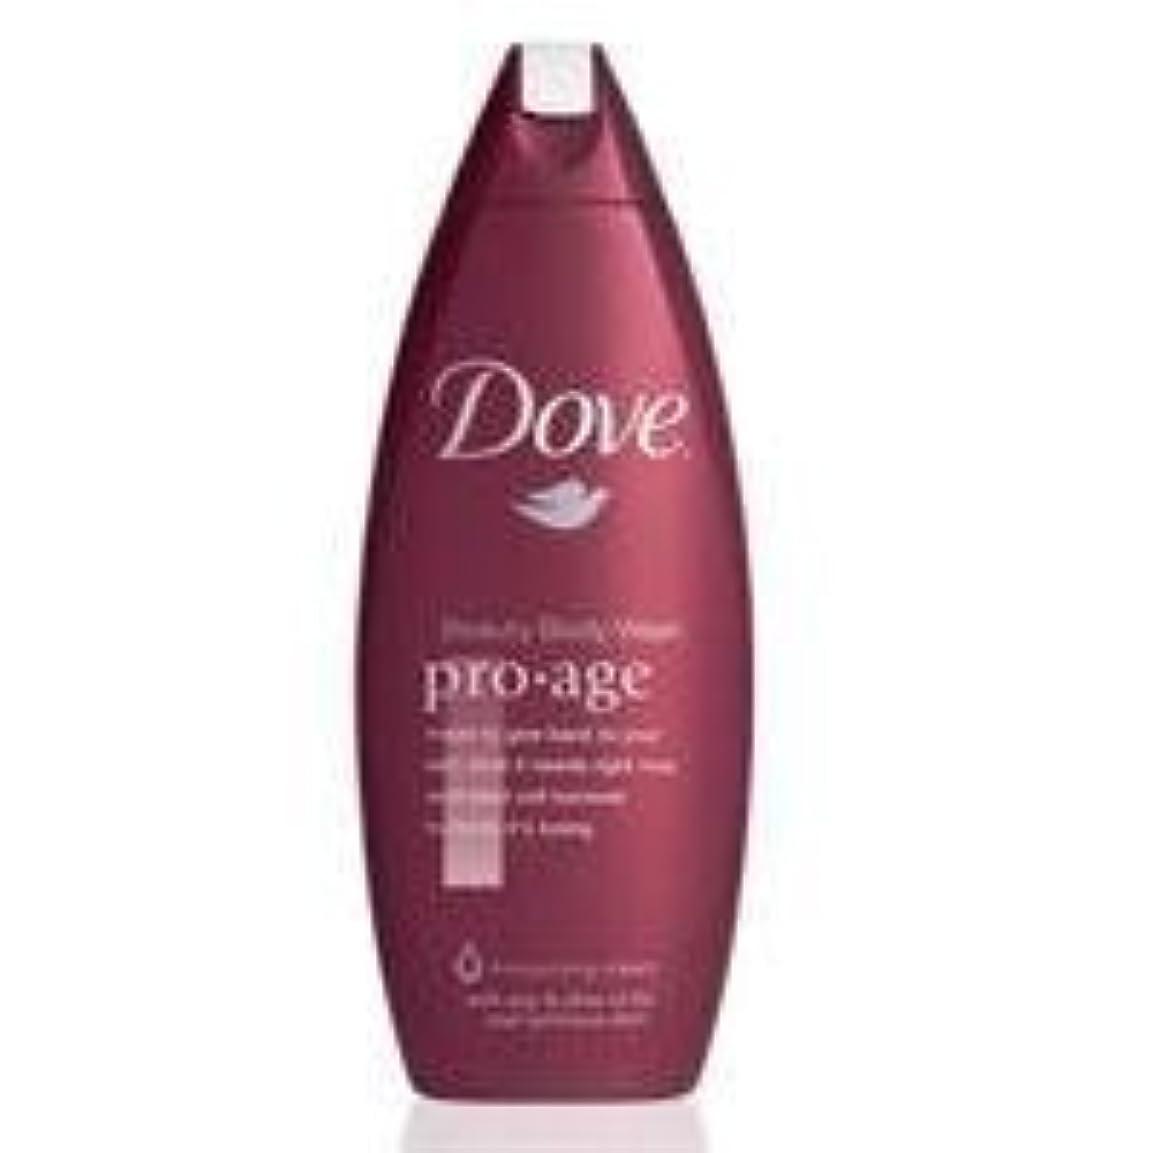 時代遅れ存在委任するDove Pro-Age Beauty Care Body Wash by Dove [並行輸入品]